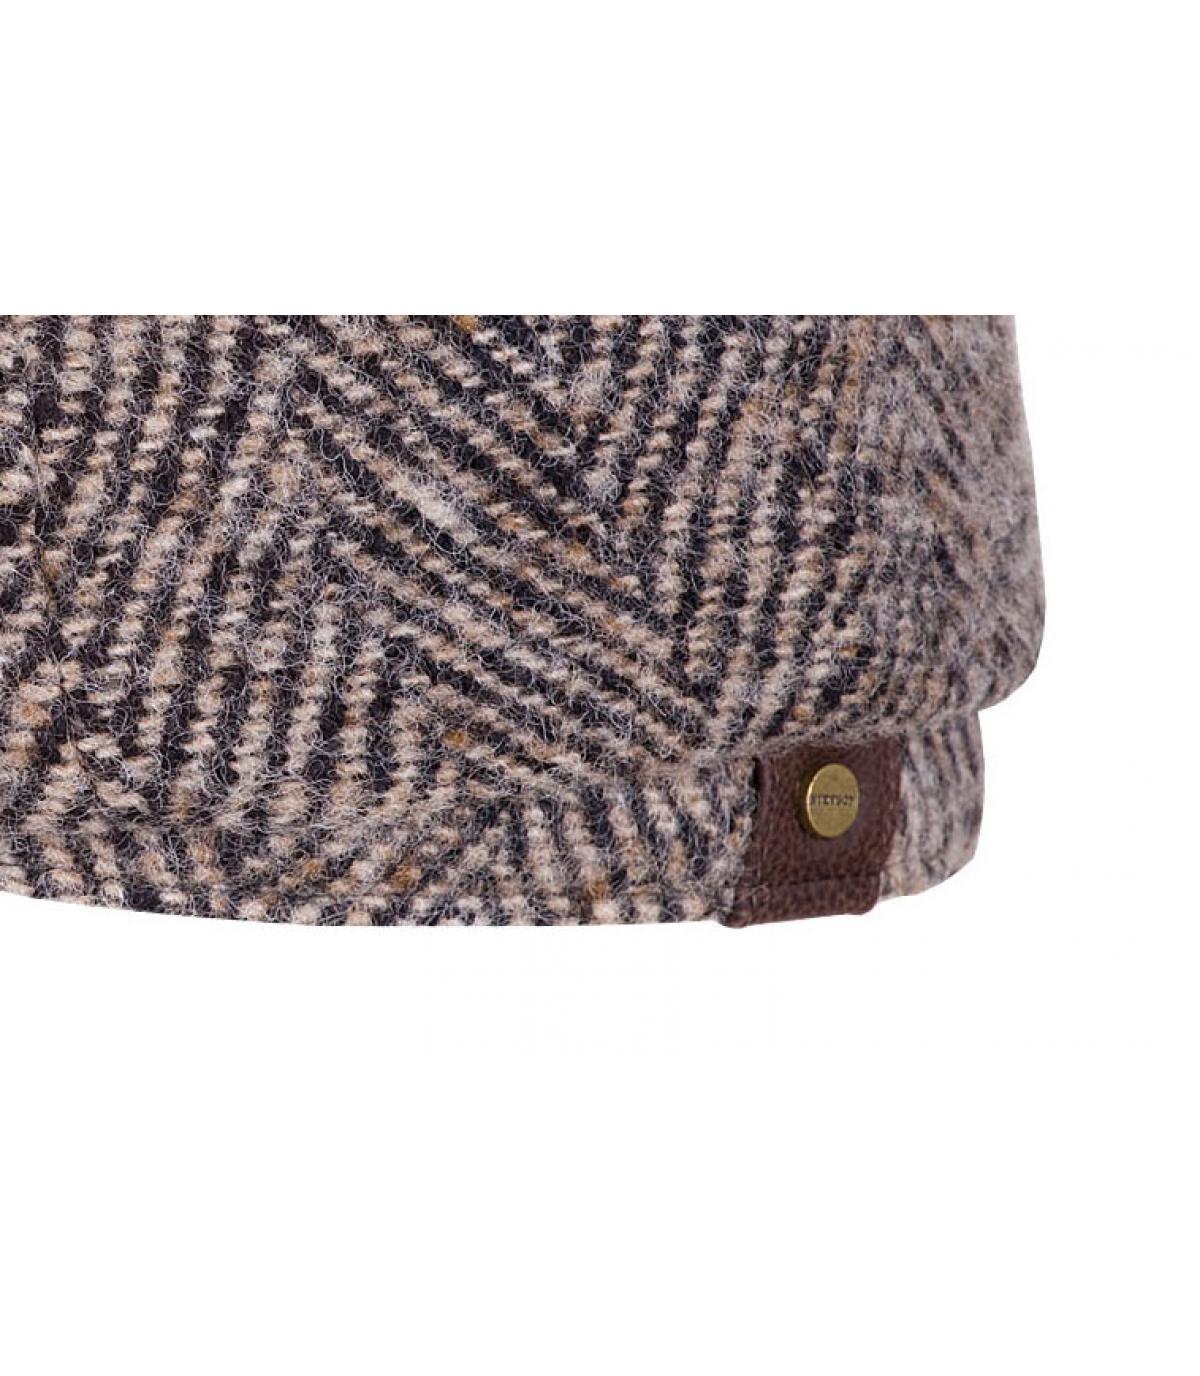 Details Hatteras Herringbone  beige black - afbeeling 3